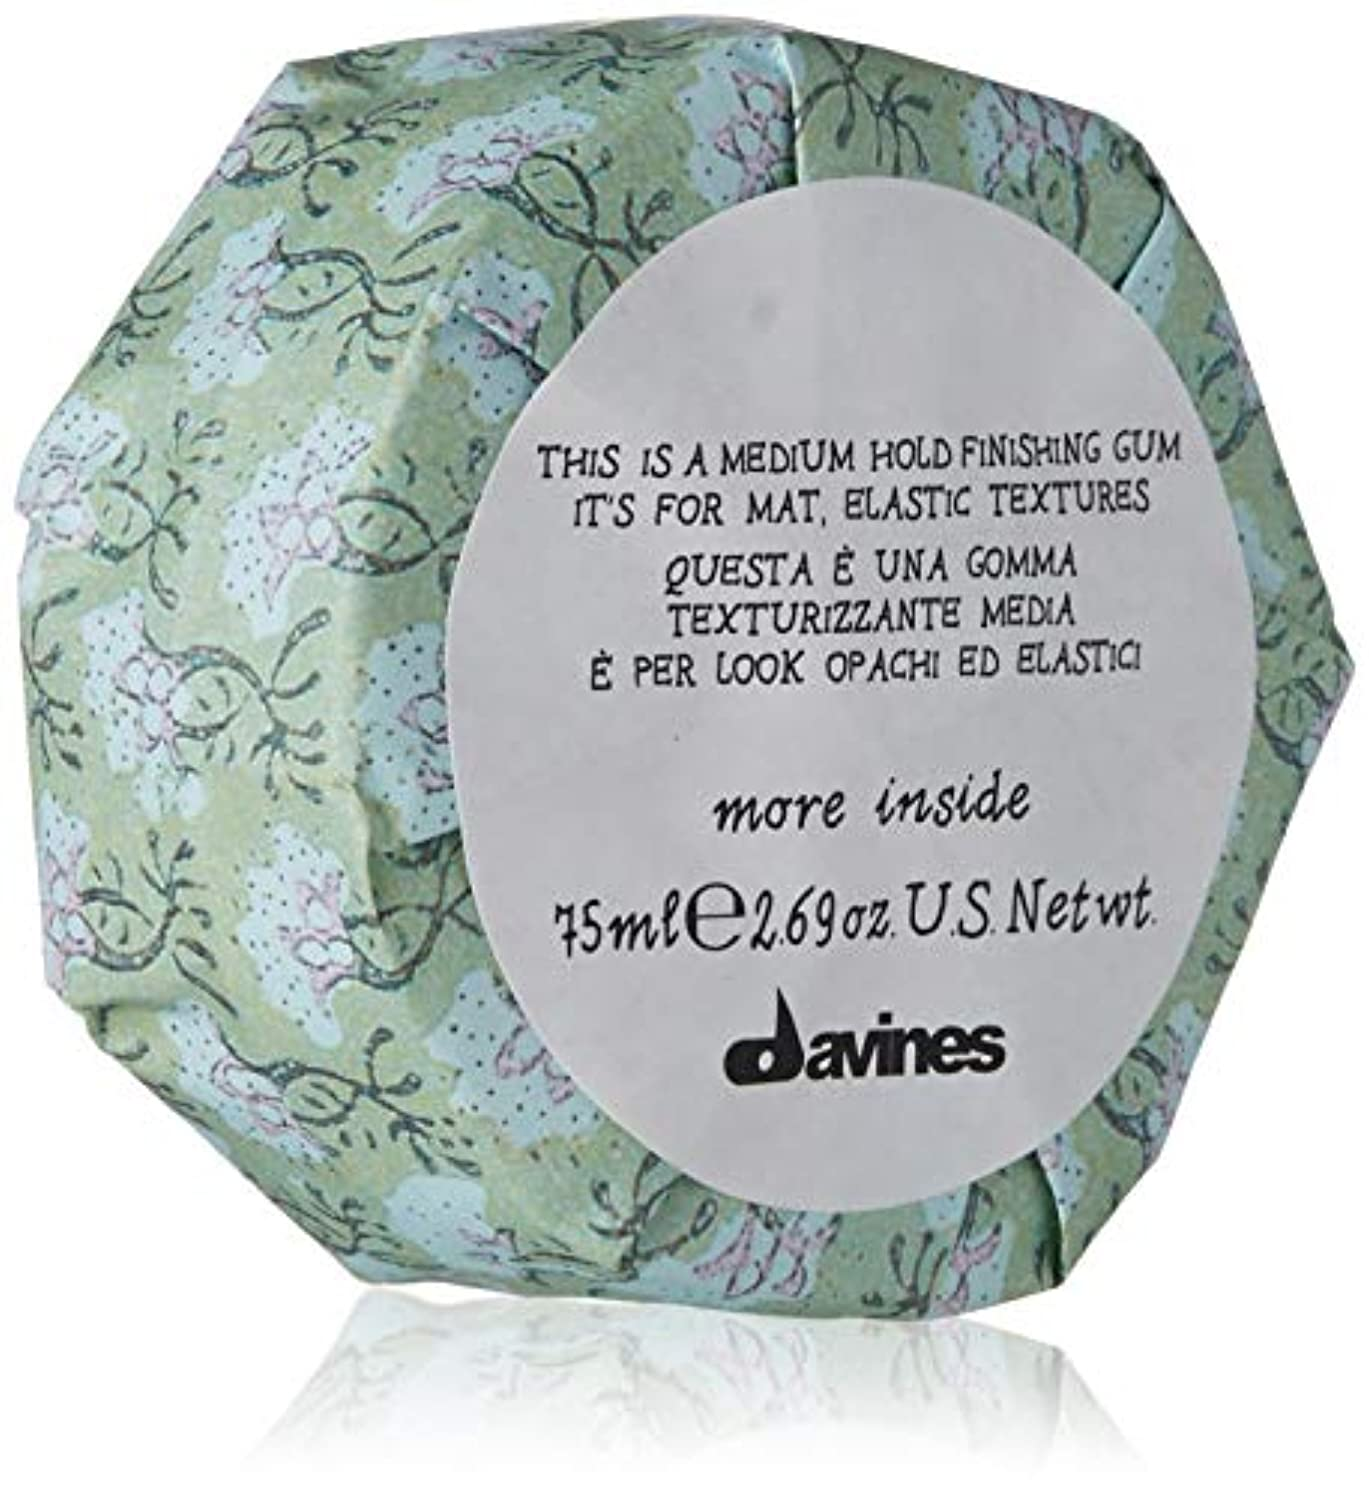 進む合わせて遠洋のダヴィネス More Inside This Is A Medium Hold Finishing Gum (For Mat, Elastic Textures) 75ml/2.69oz並行輸入品